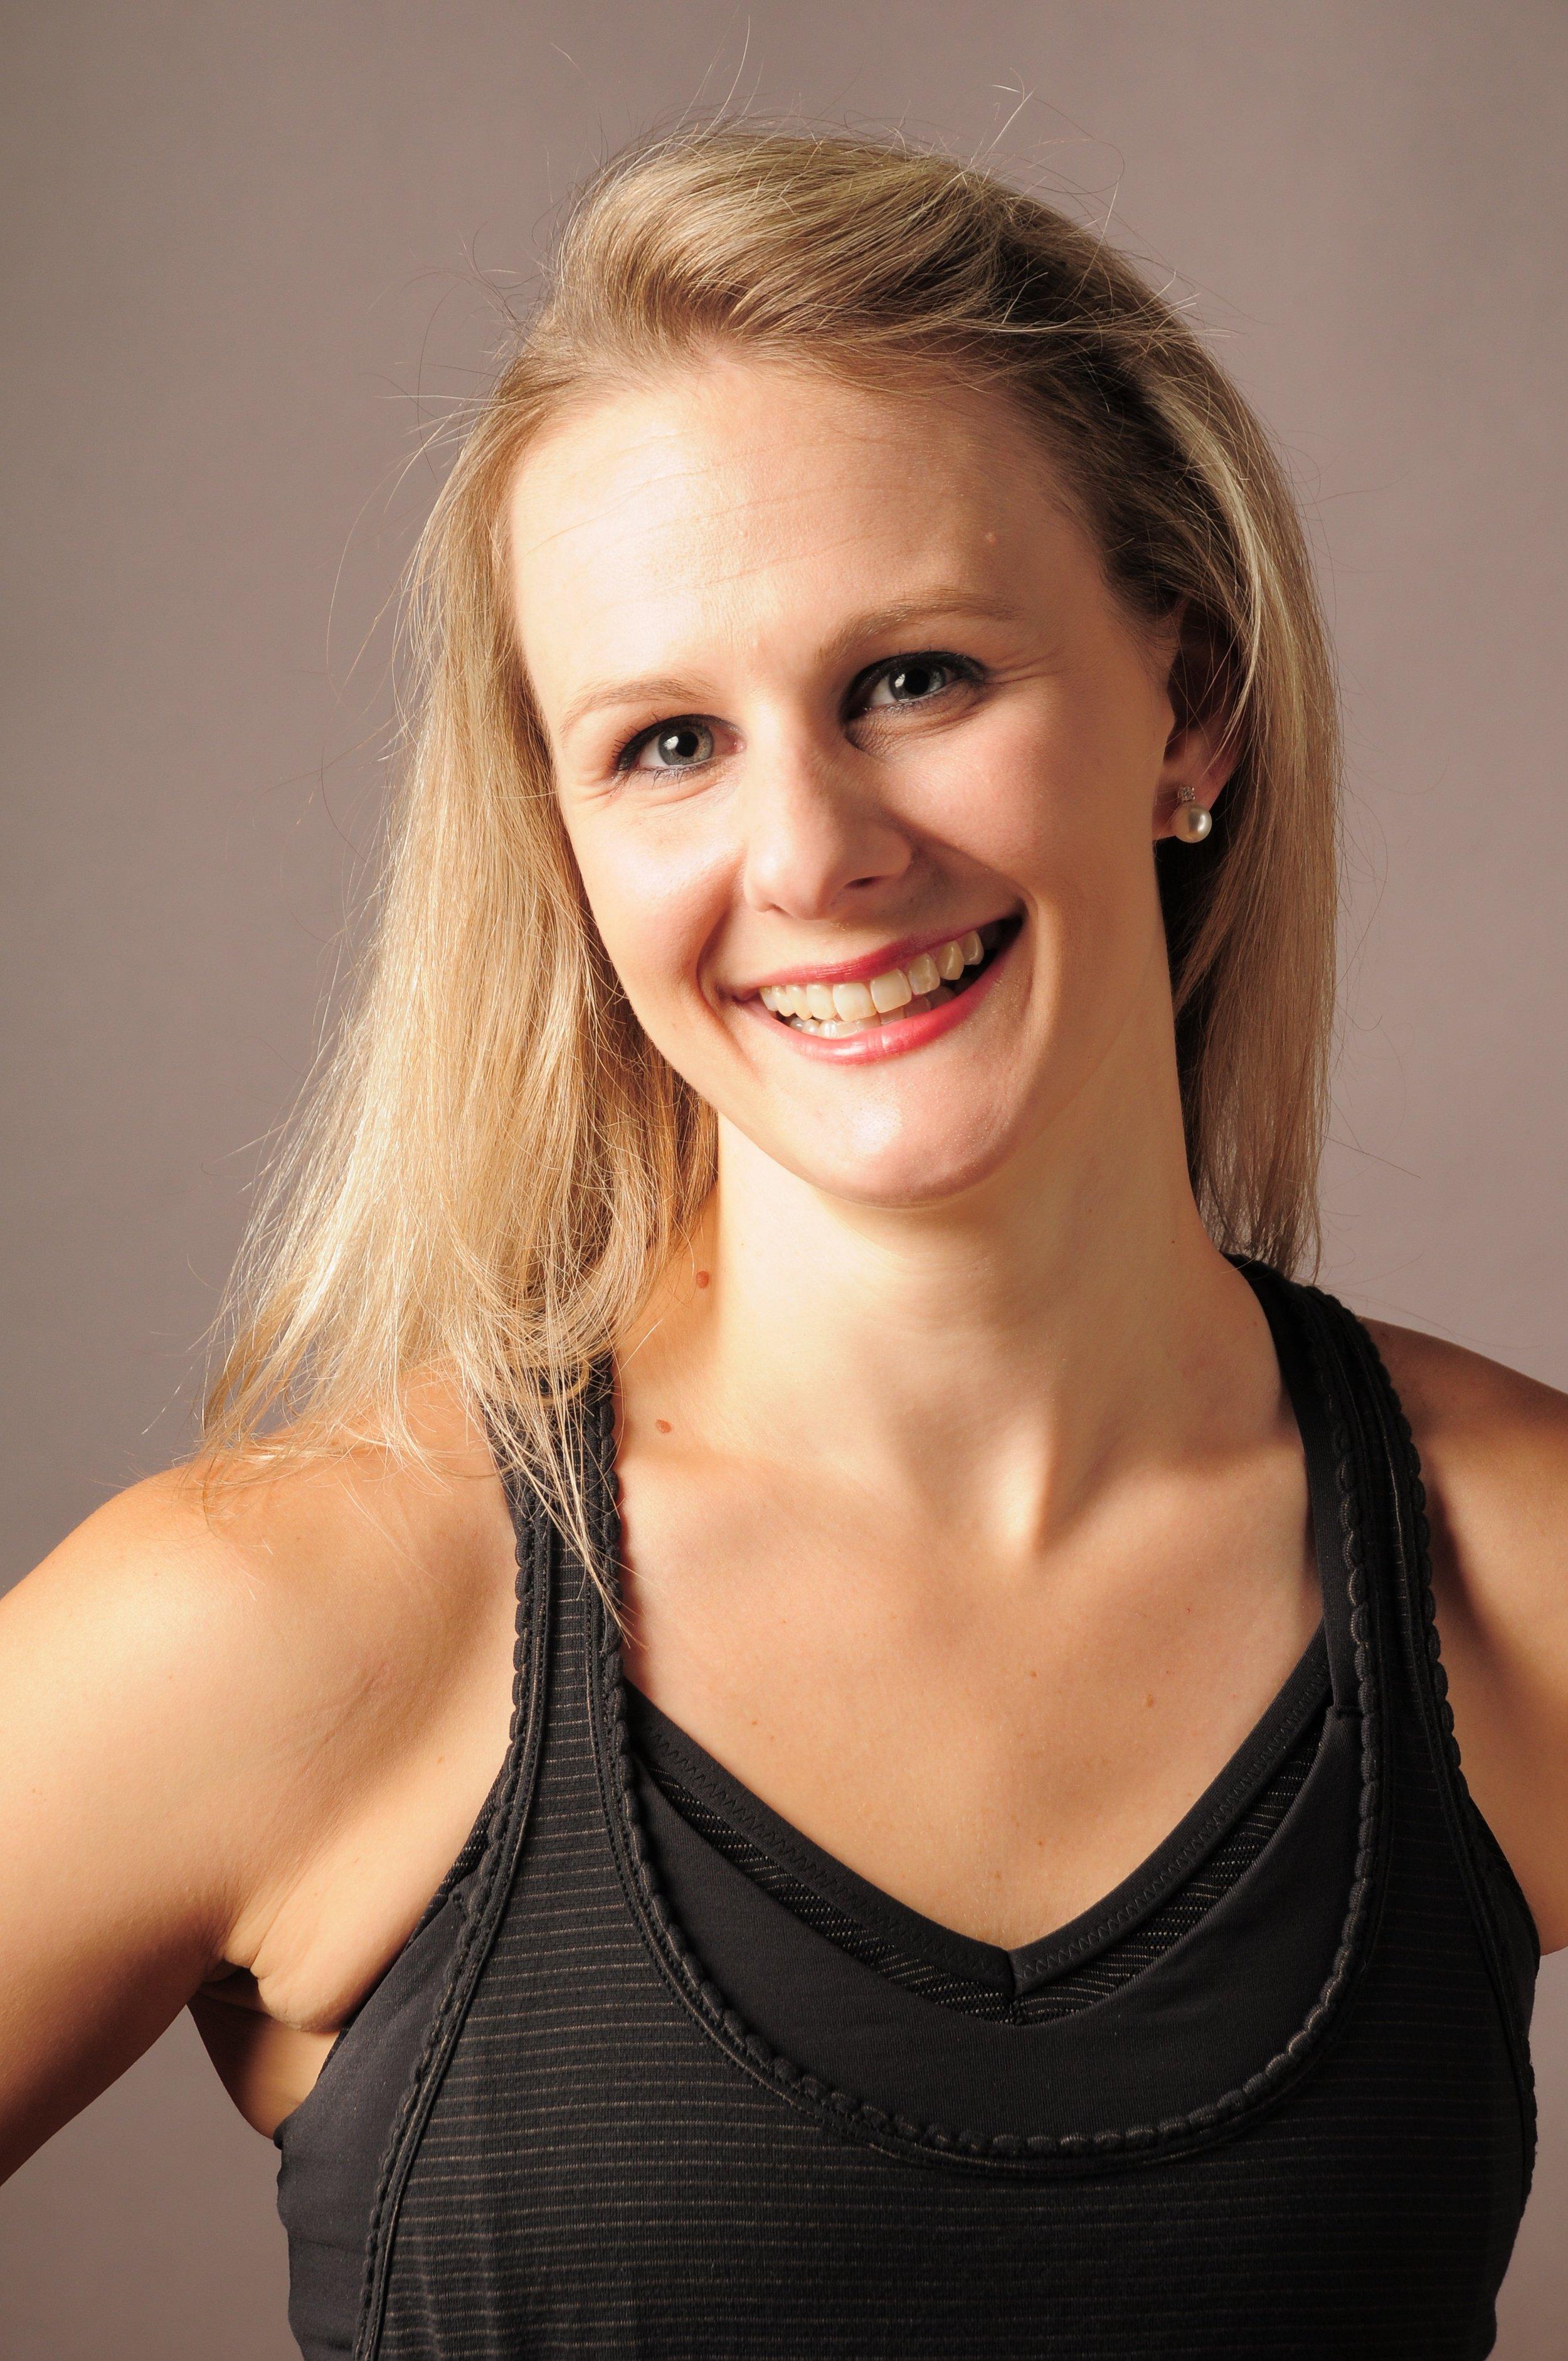 Nicole Whitesell